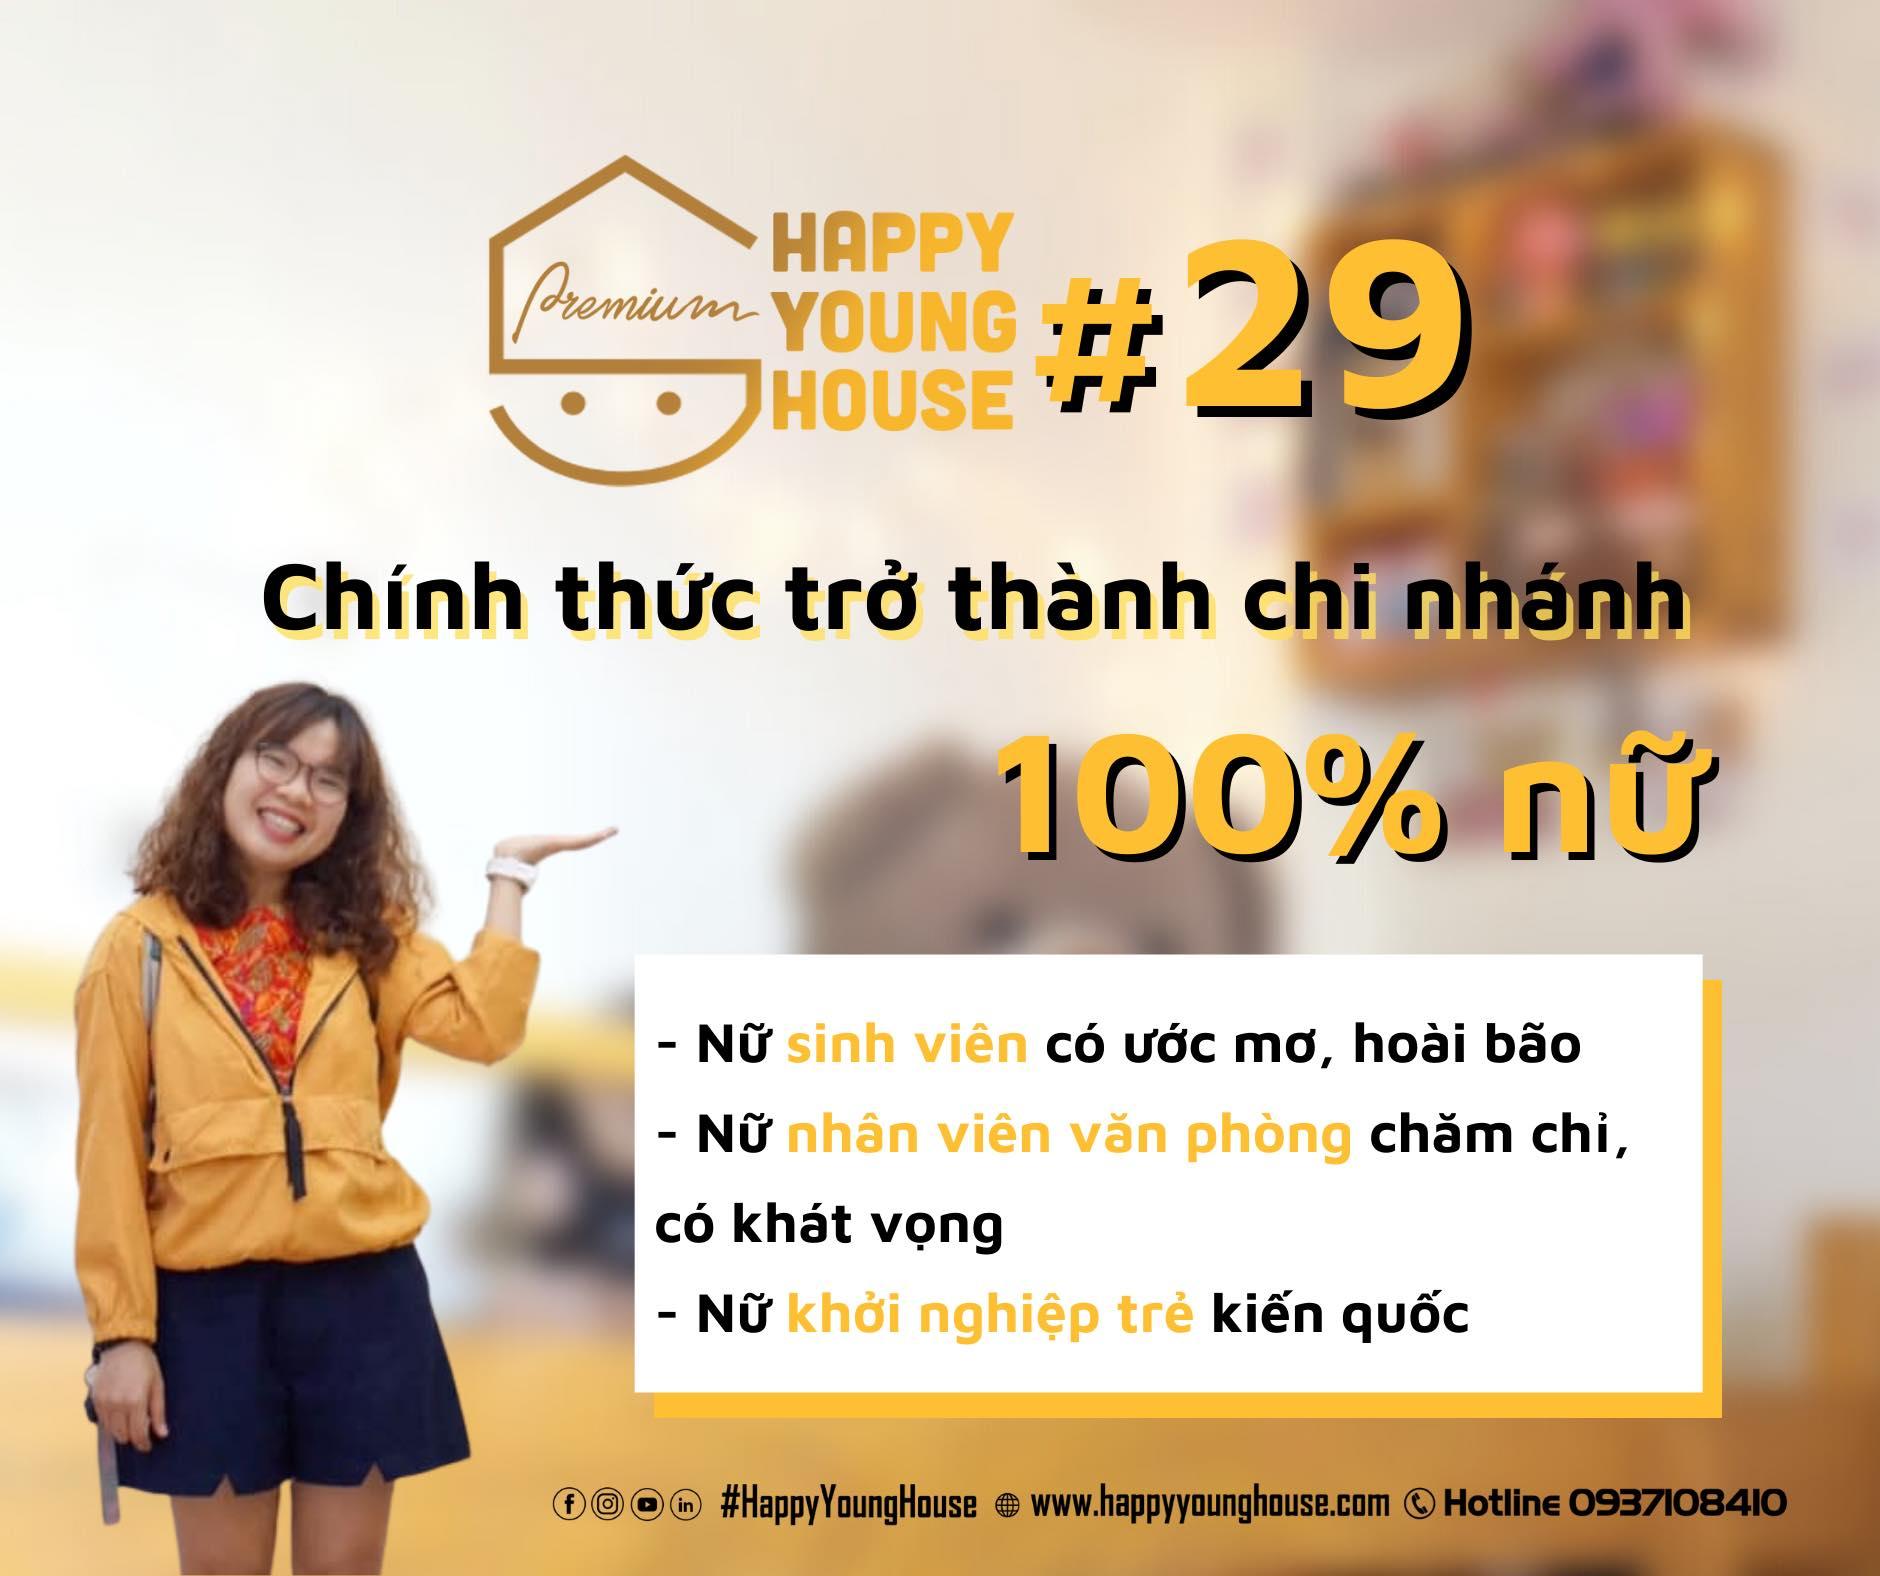 Sài Gòn bình thường mới, chi nhánh 29 diện mạo mới với 100% thành viên là nữ